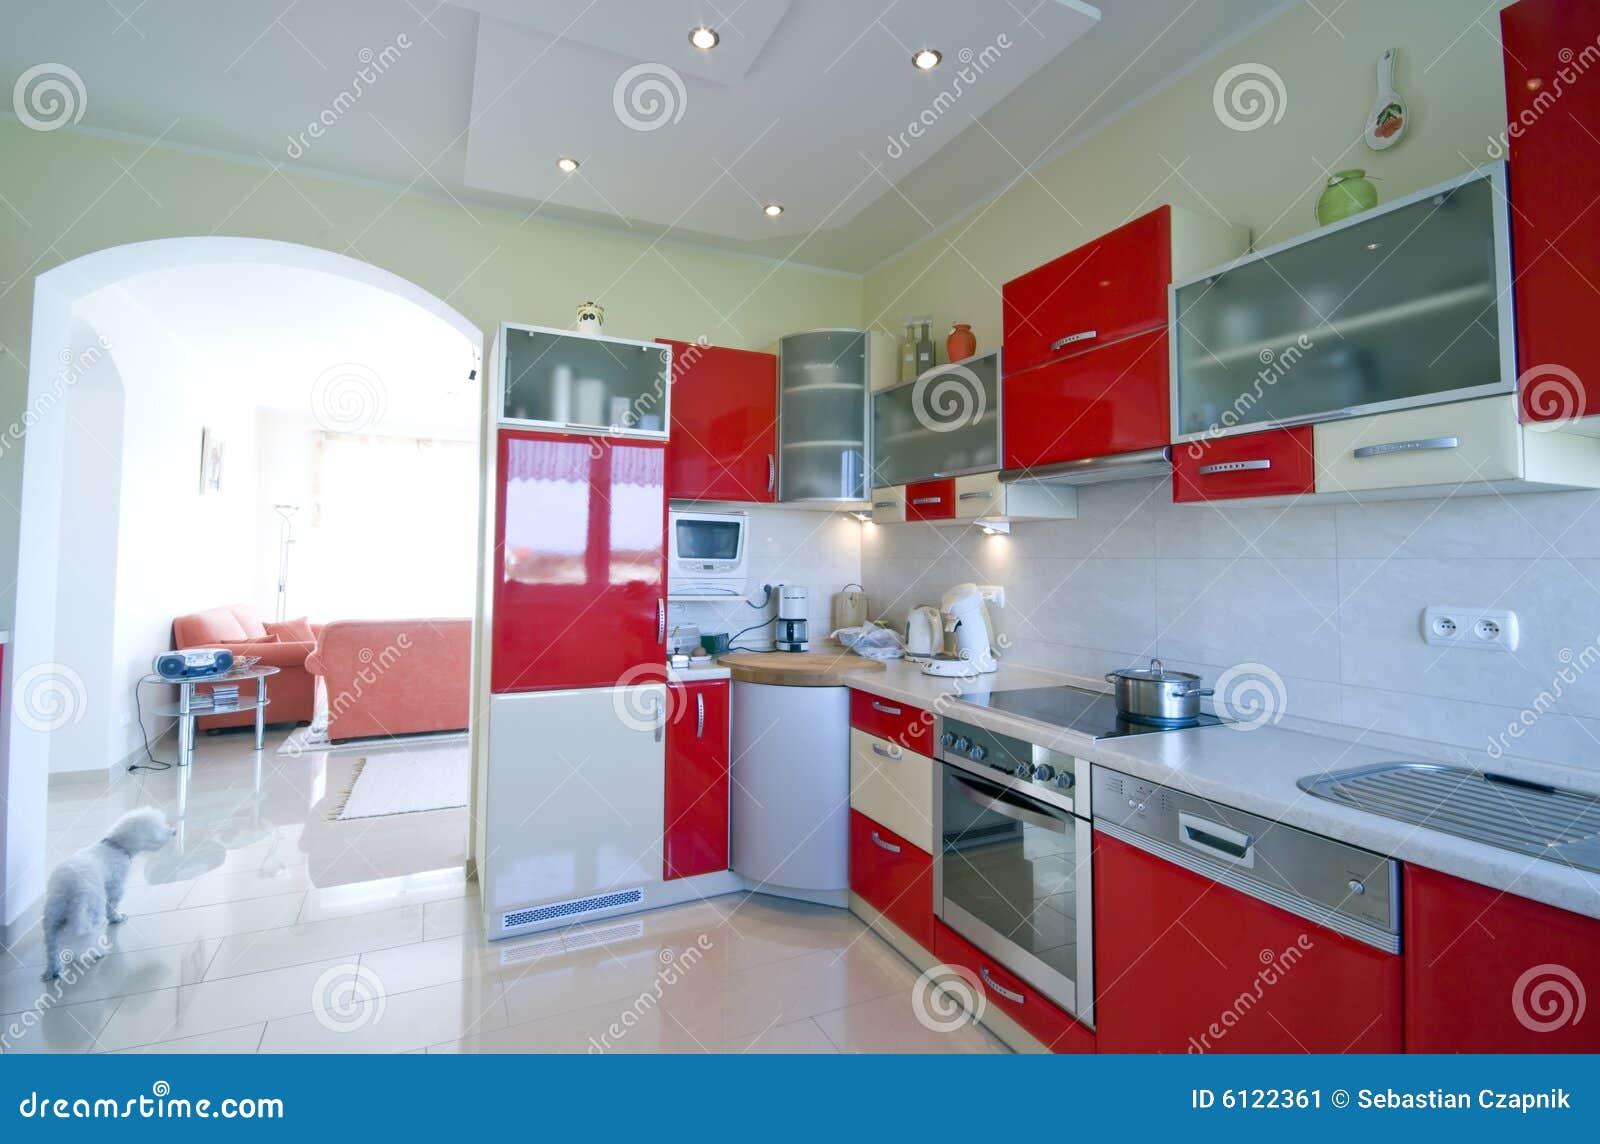 rote kche - Rote Kche